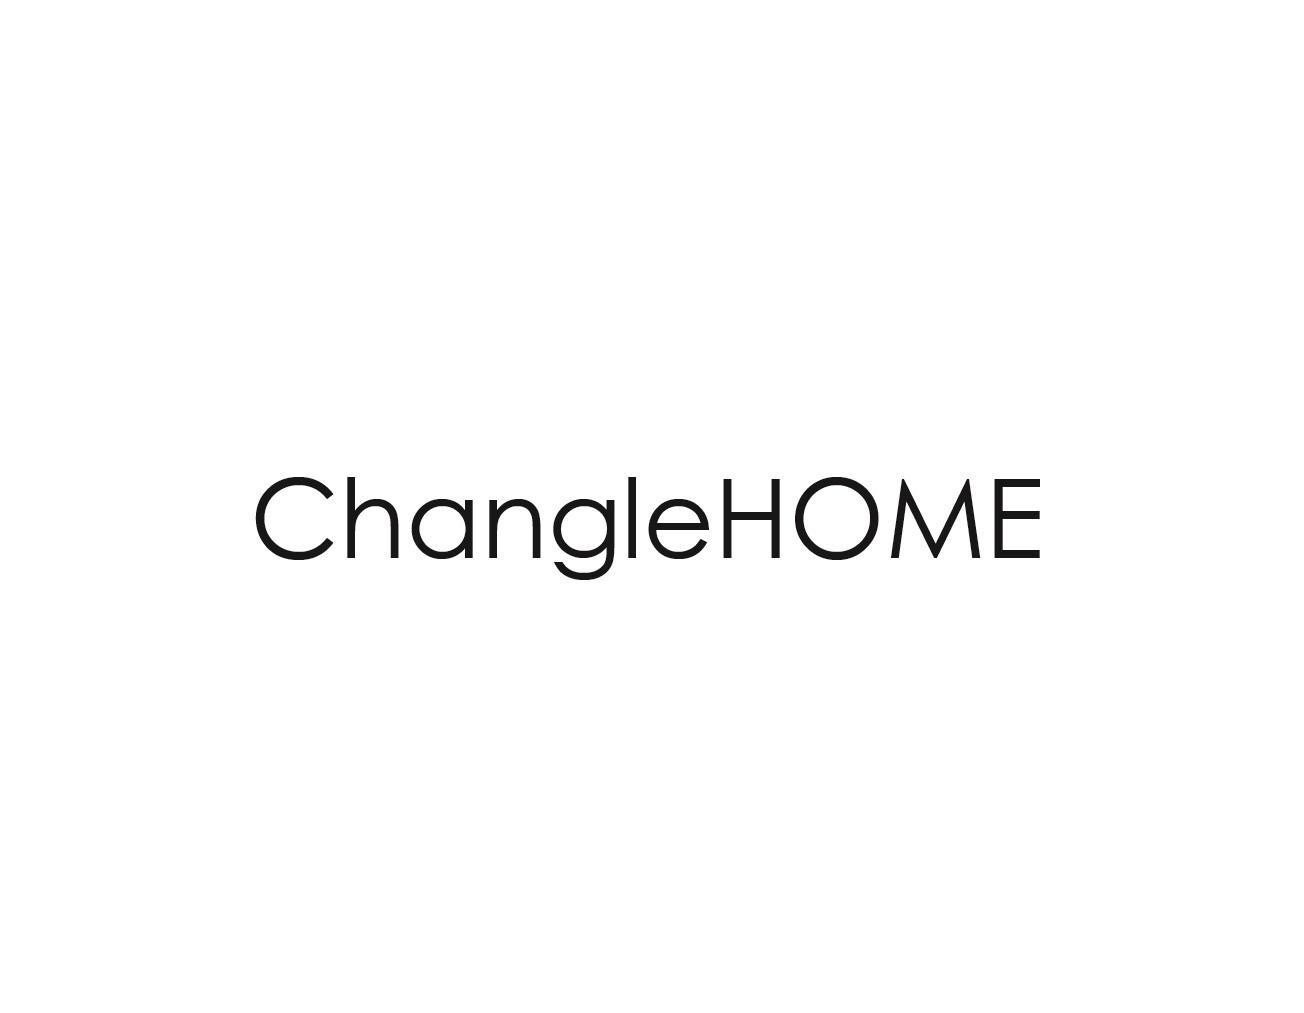 CHANGLEHOME